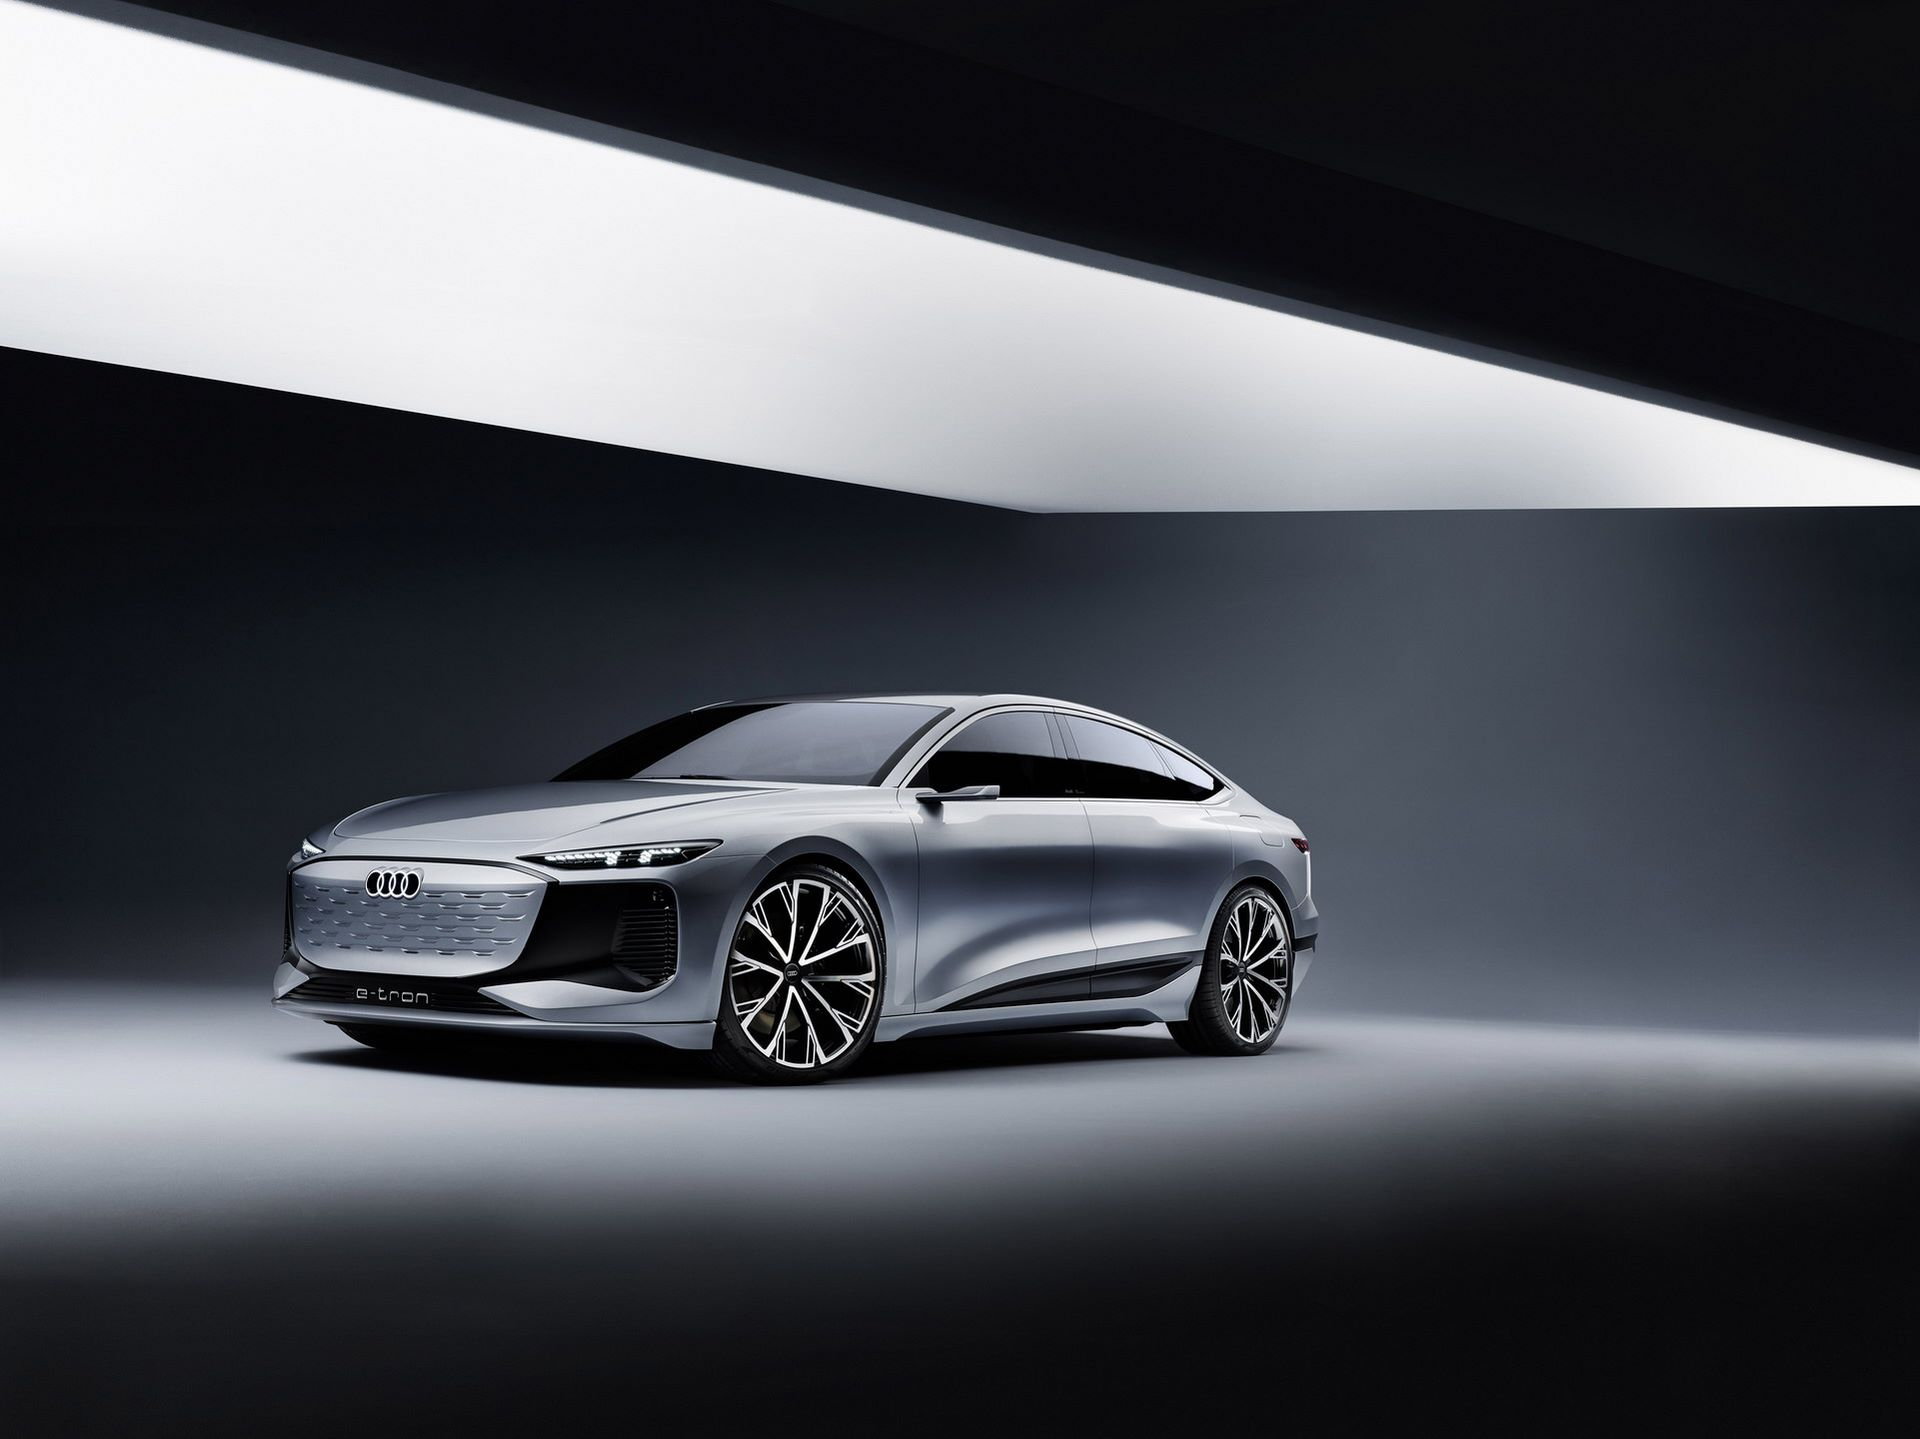 Audi-A6-e-tron-concept-34